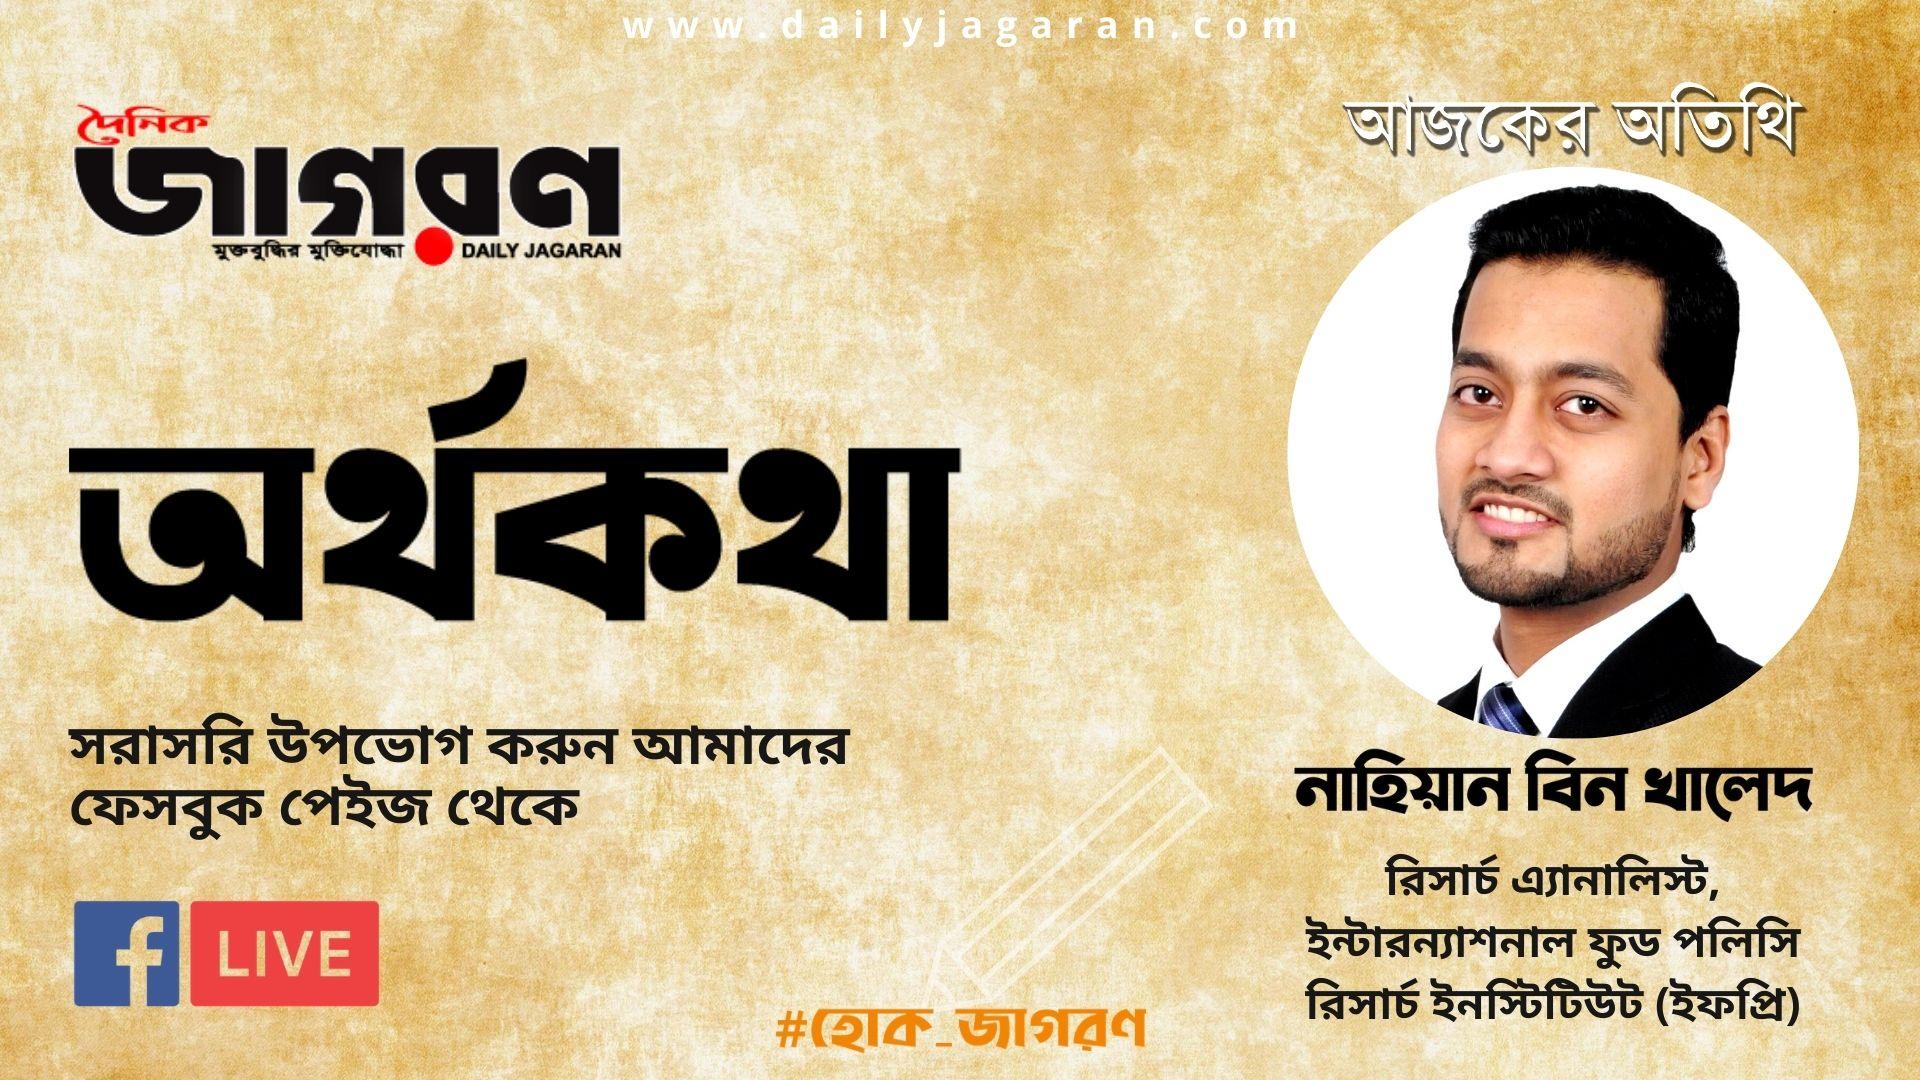 অর্থকথা | পর্ব ১ | নাহিয়ান বিন খালেদ | জাগরণ অনলাইন | Nahian Bin Khaled | Jagaran Online